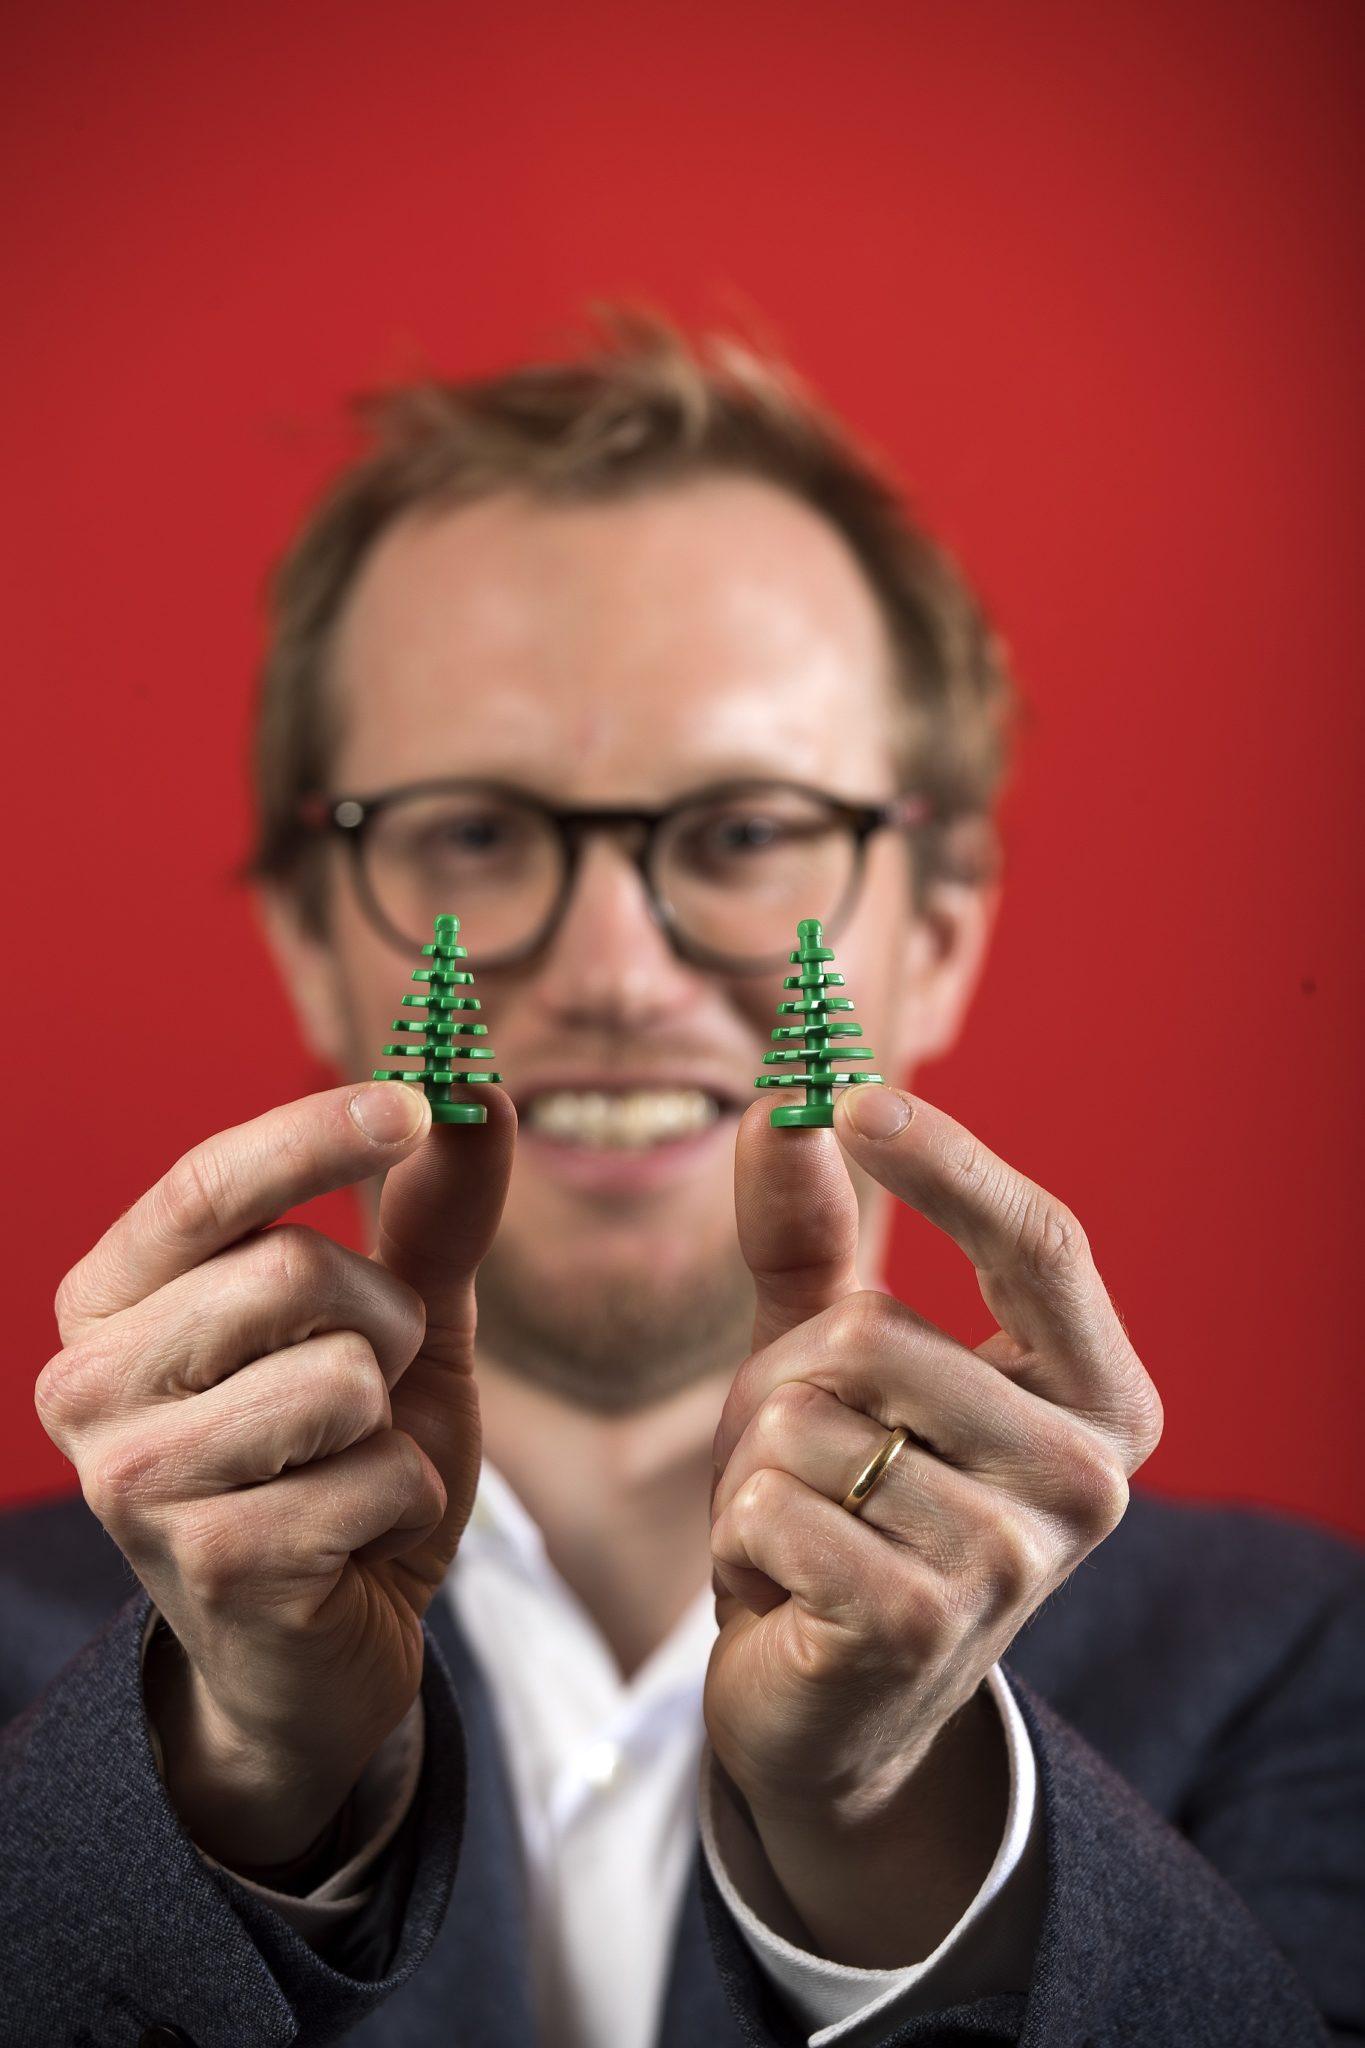 Mężczyzna z klockami lego w dłoniach